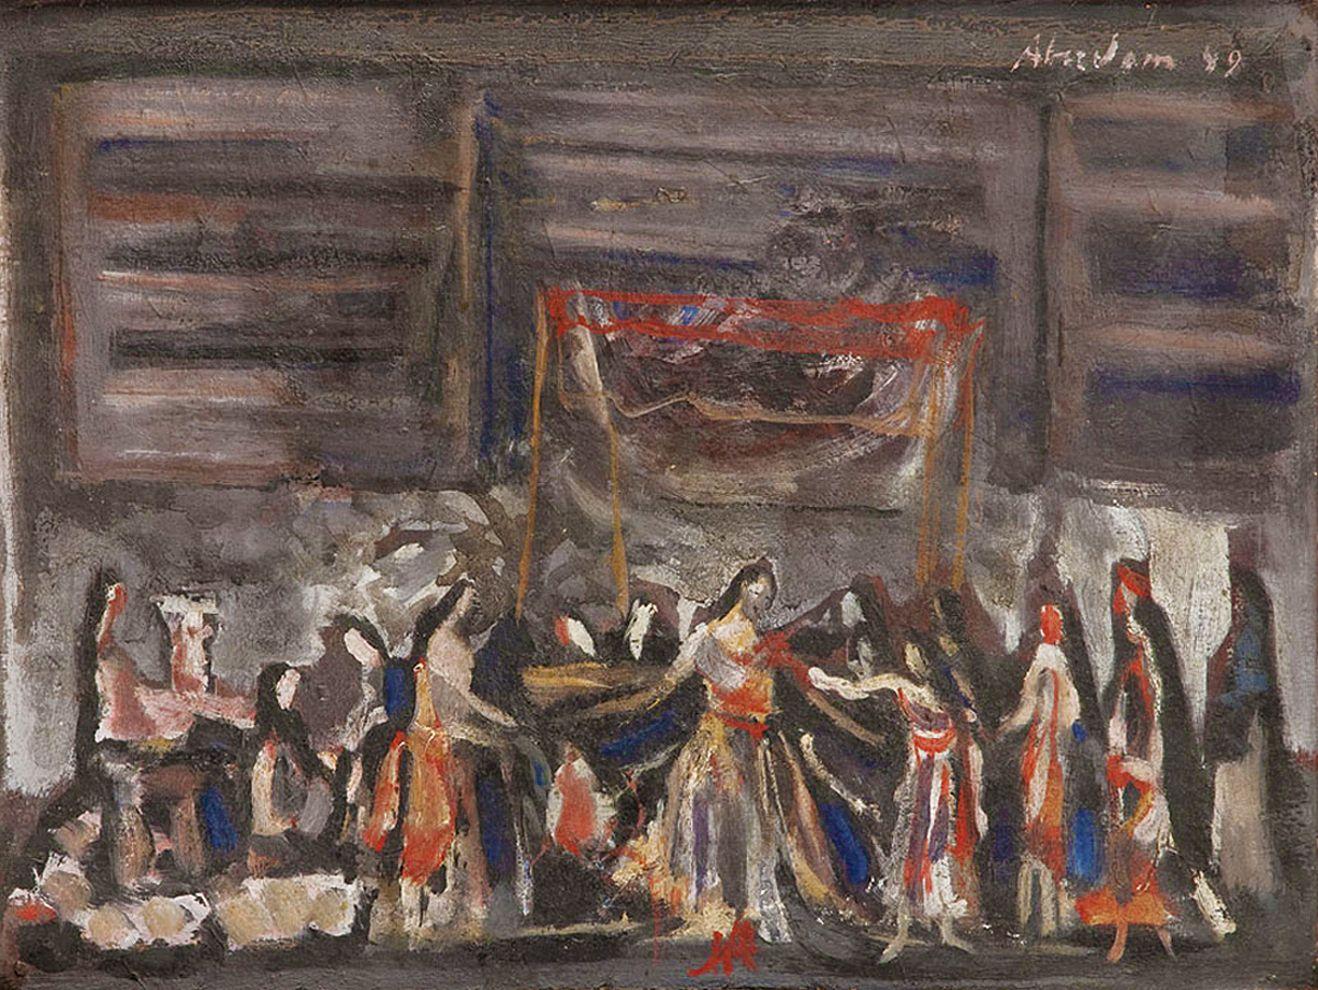 Альфред Абердам. Приготування до весілля, 1949